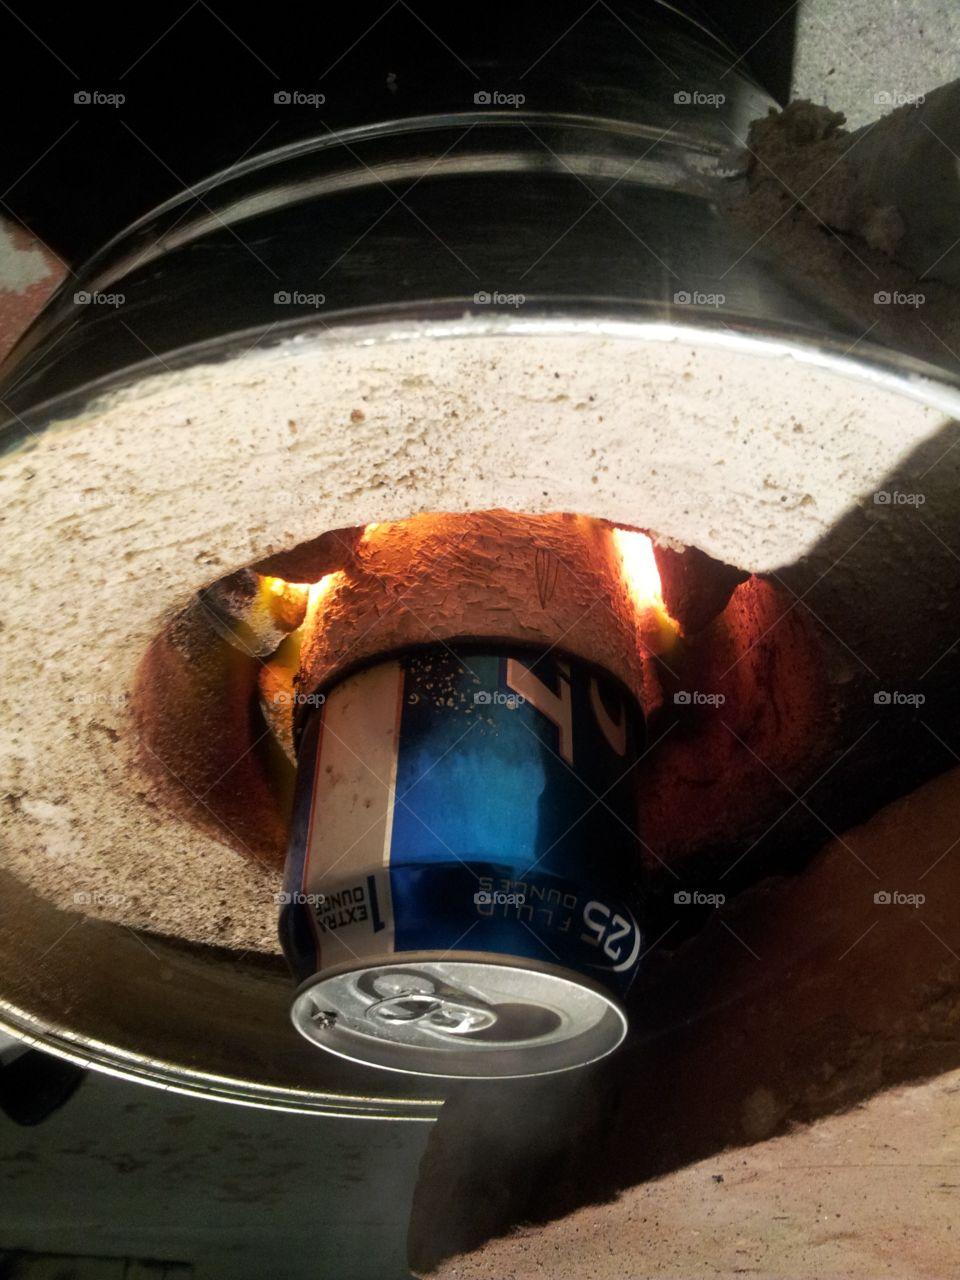 Melting soda cans into aluminum ingots